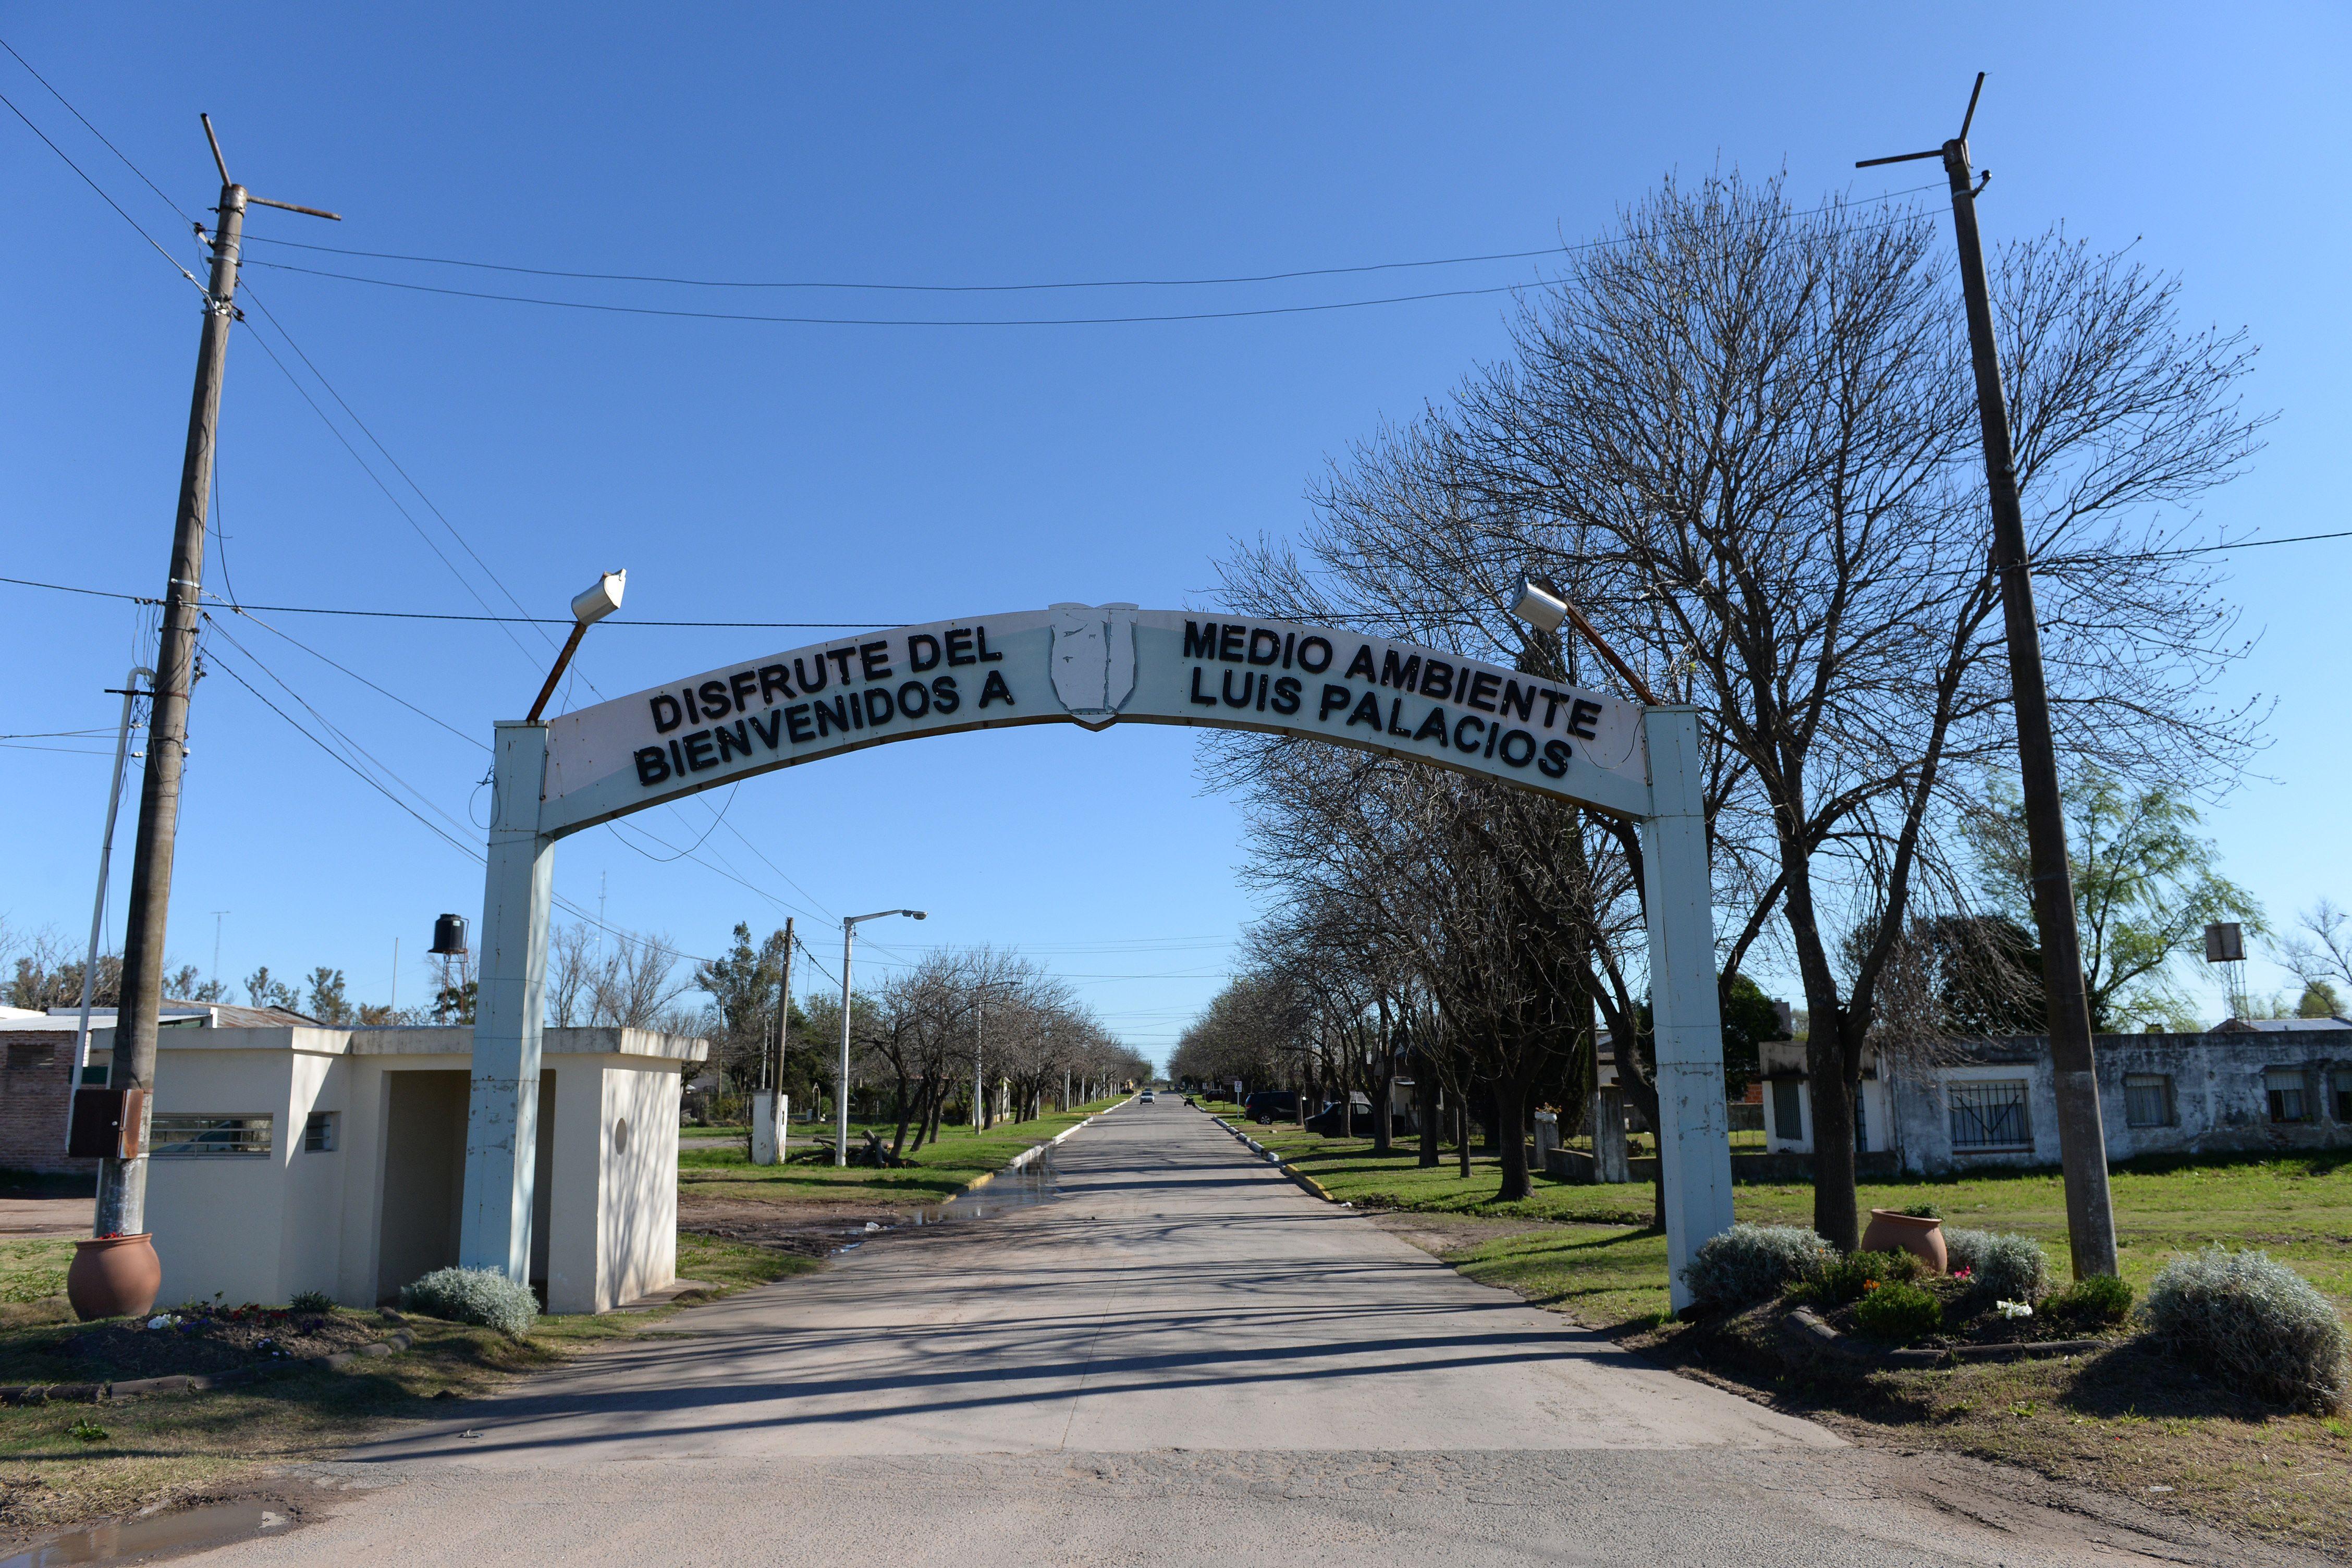 El intendente y la población en general de Luis Palacios no quiere una feria en el pueblo. (Foto de archivo)